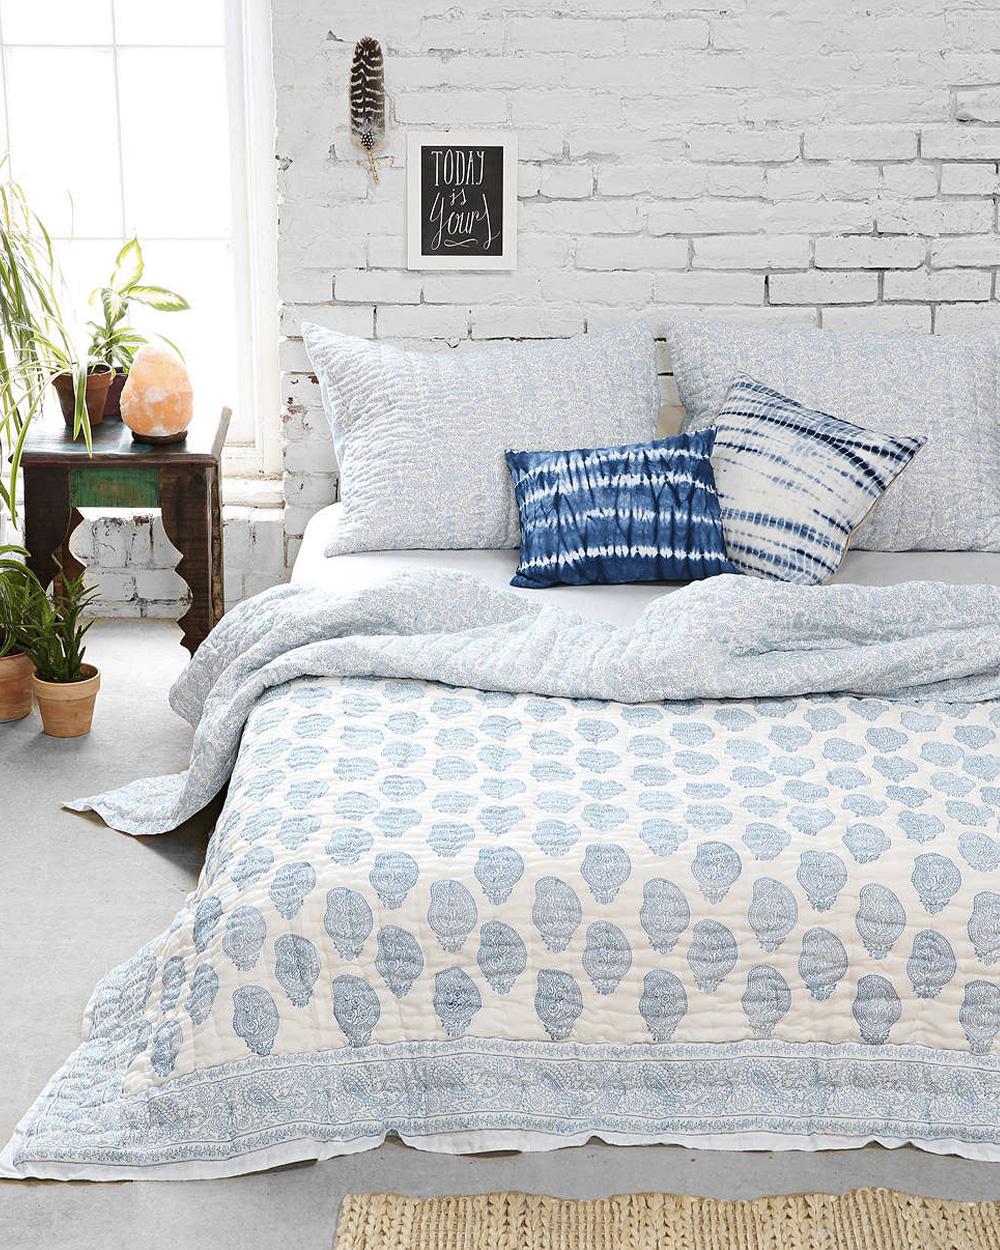 10 id es d co pour utiliser la brique dans sa maison shake my blog. Black Bedroom Furniture Sets. Home Design Ideas